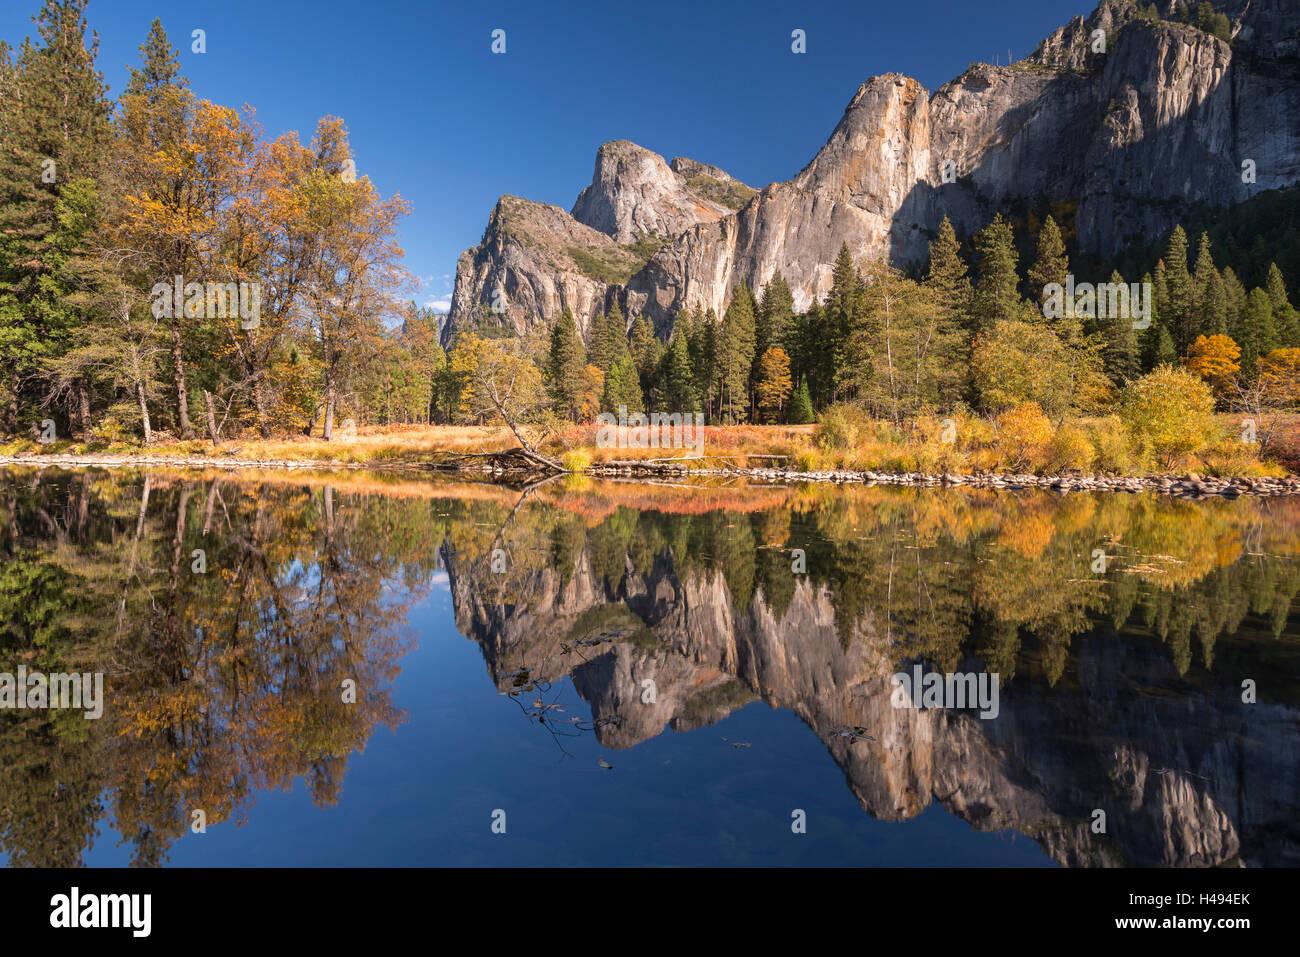 Yosemite Valley si riflette nel fiume Merced in vista della valle, Yosemite National Park, California, Stati Uniti Immagini Stock